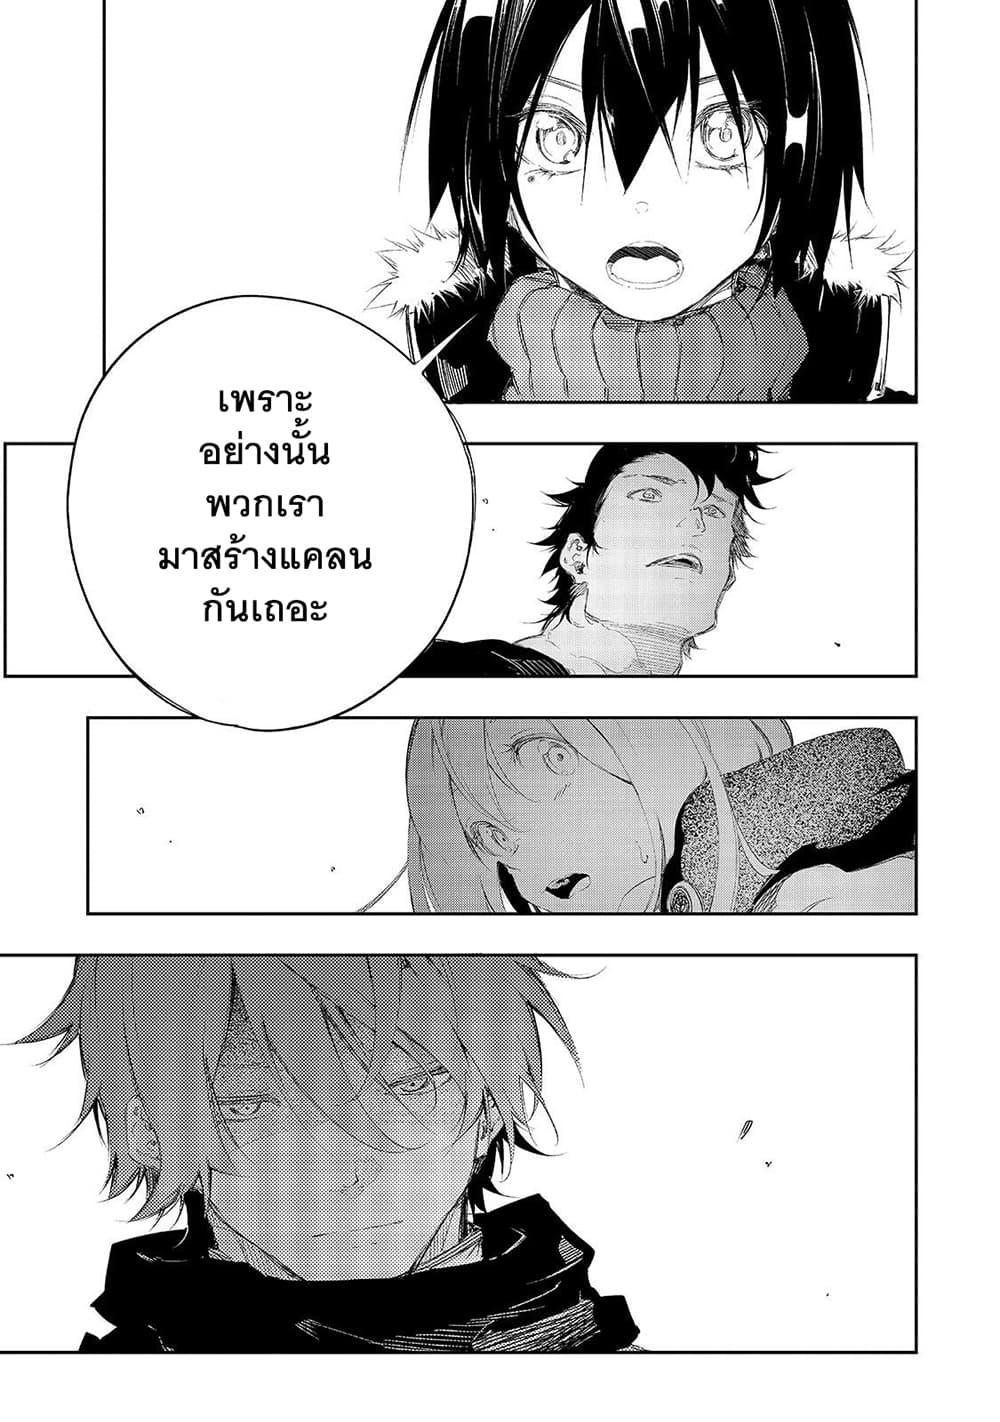 อ่านการ์ตูน Saikyou no Shien-shoku Wajutsushi Dearu Ore wa Sekai Saikyou Kuran o Shitagaeru ตอนที่ 3 หน้าที่ 18